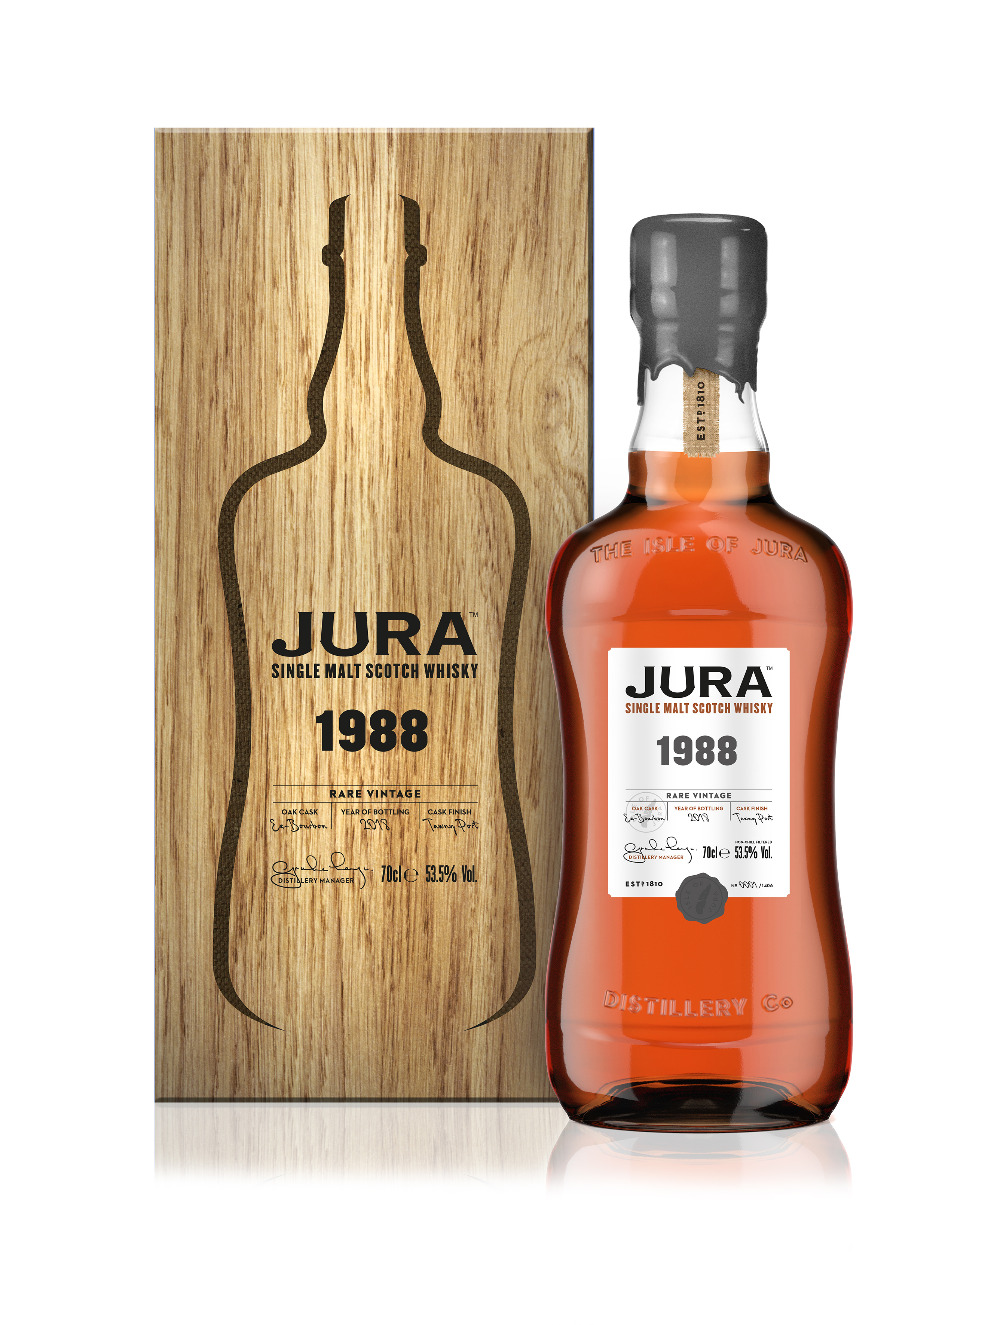 """JURA Whisky stellt die limitierte Abfüllung """"Rare Vintage 1988"""" vor"""